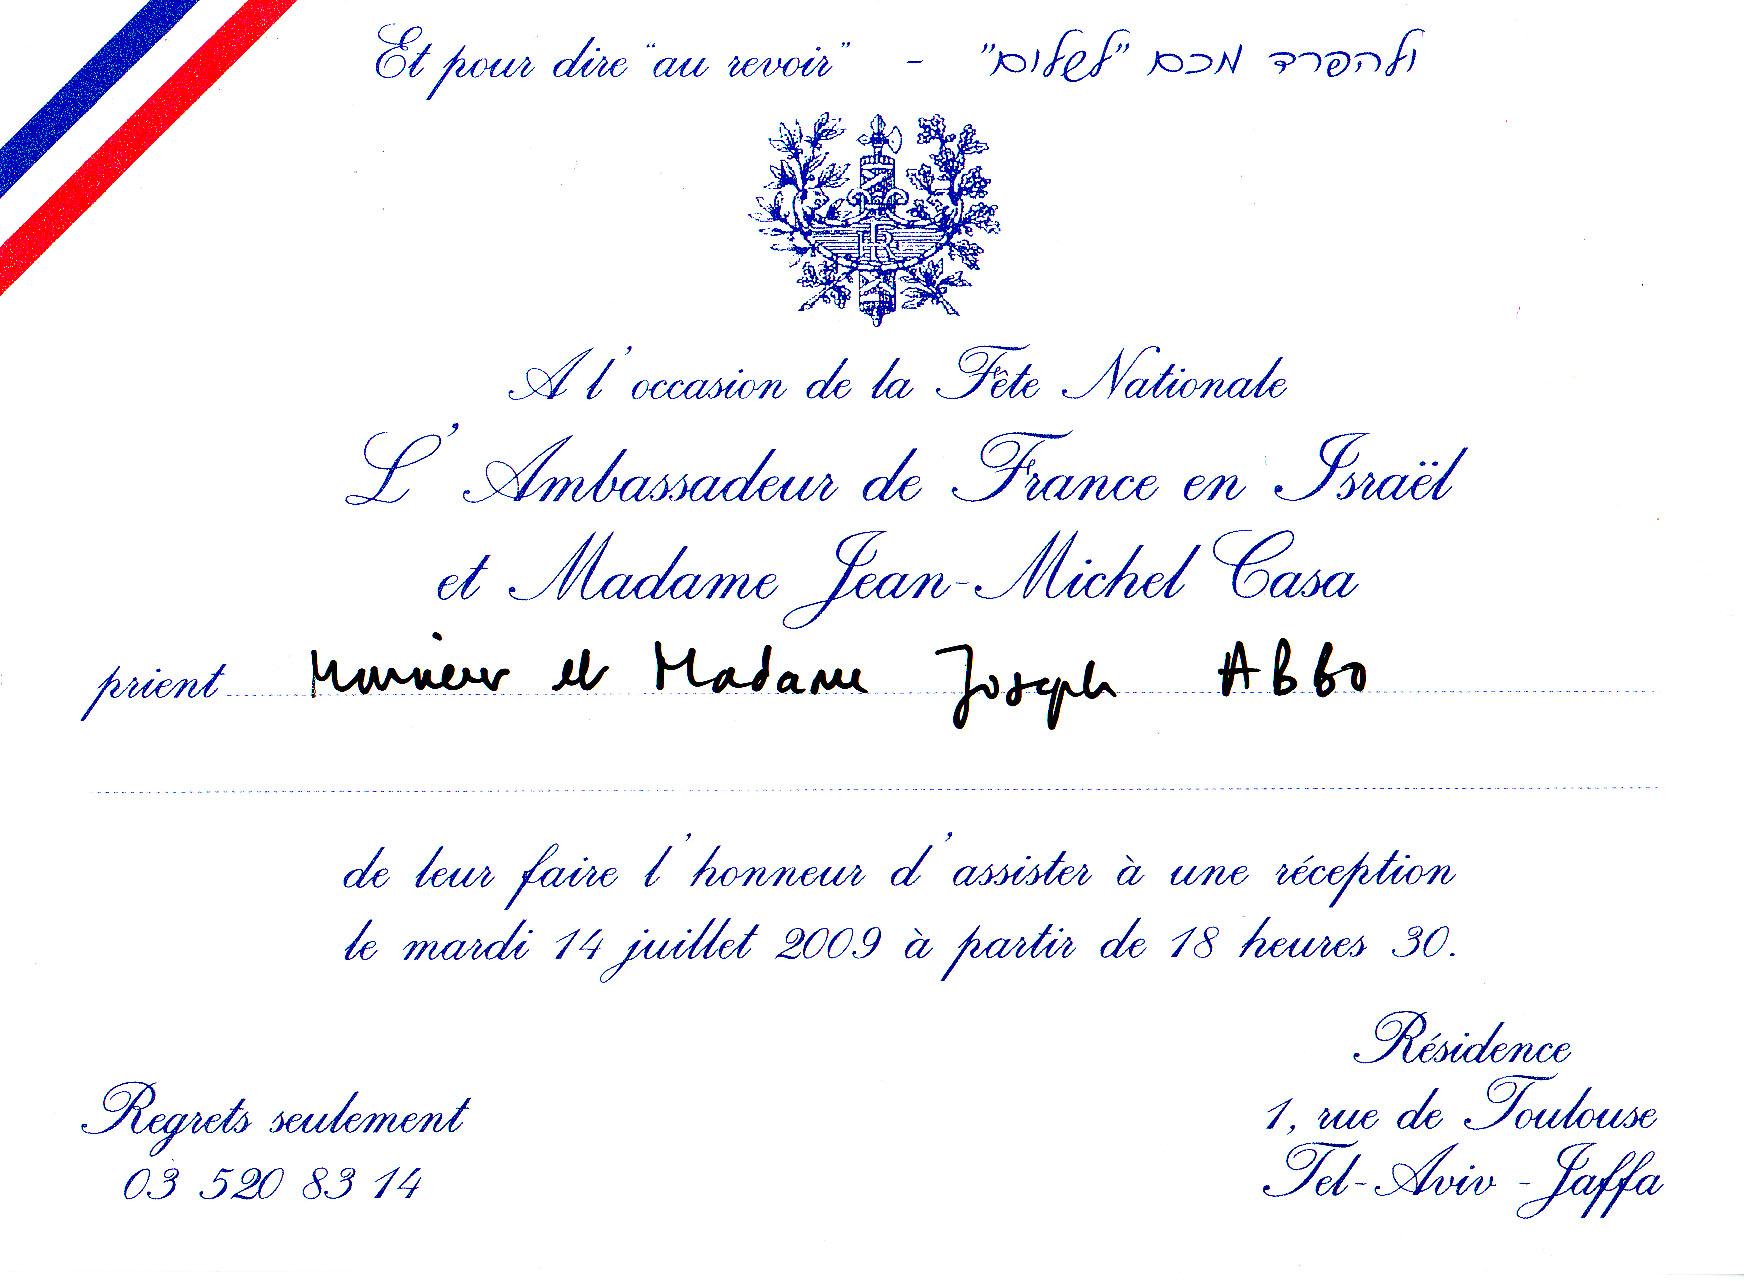 ההזמנה משגרירות צרפת